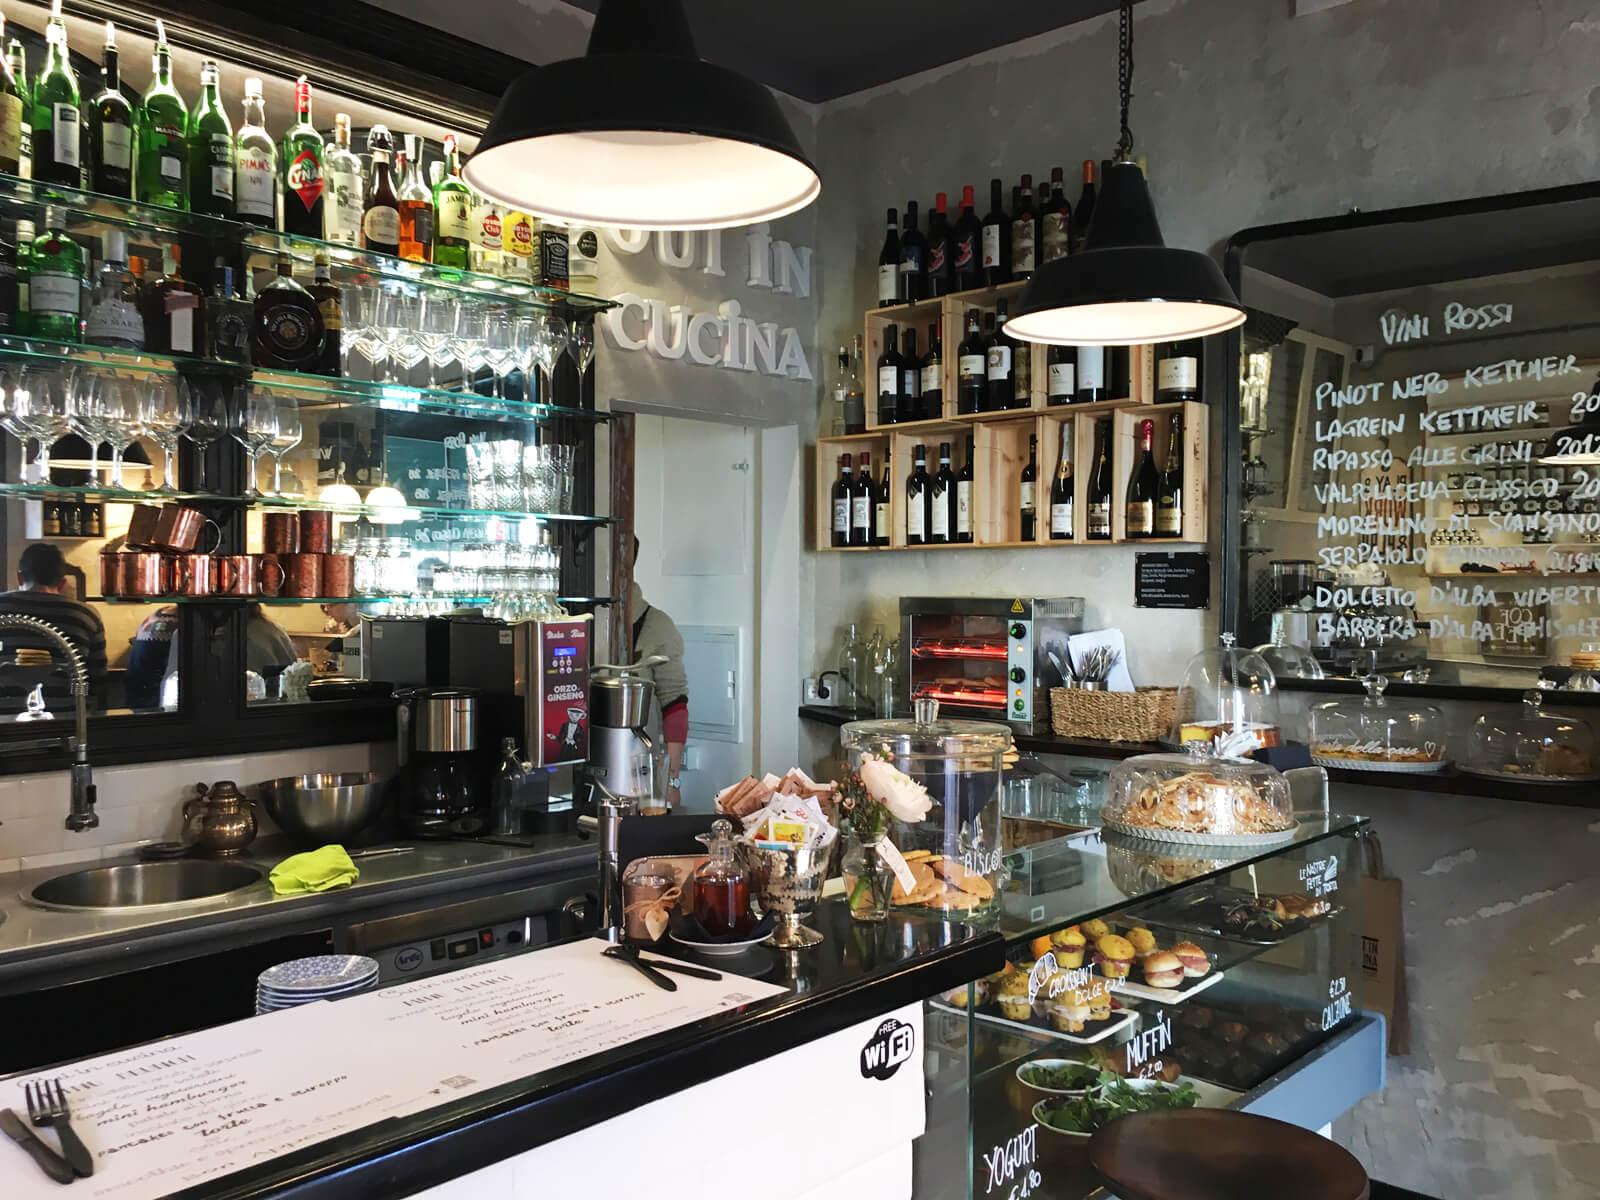 Oui in cucina bologna my lovely bologna - In cucina bologna ...